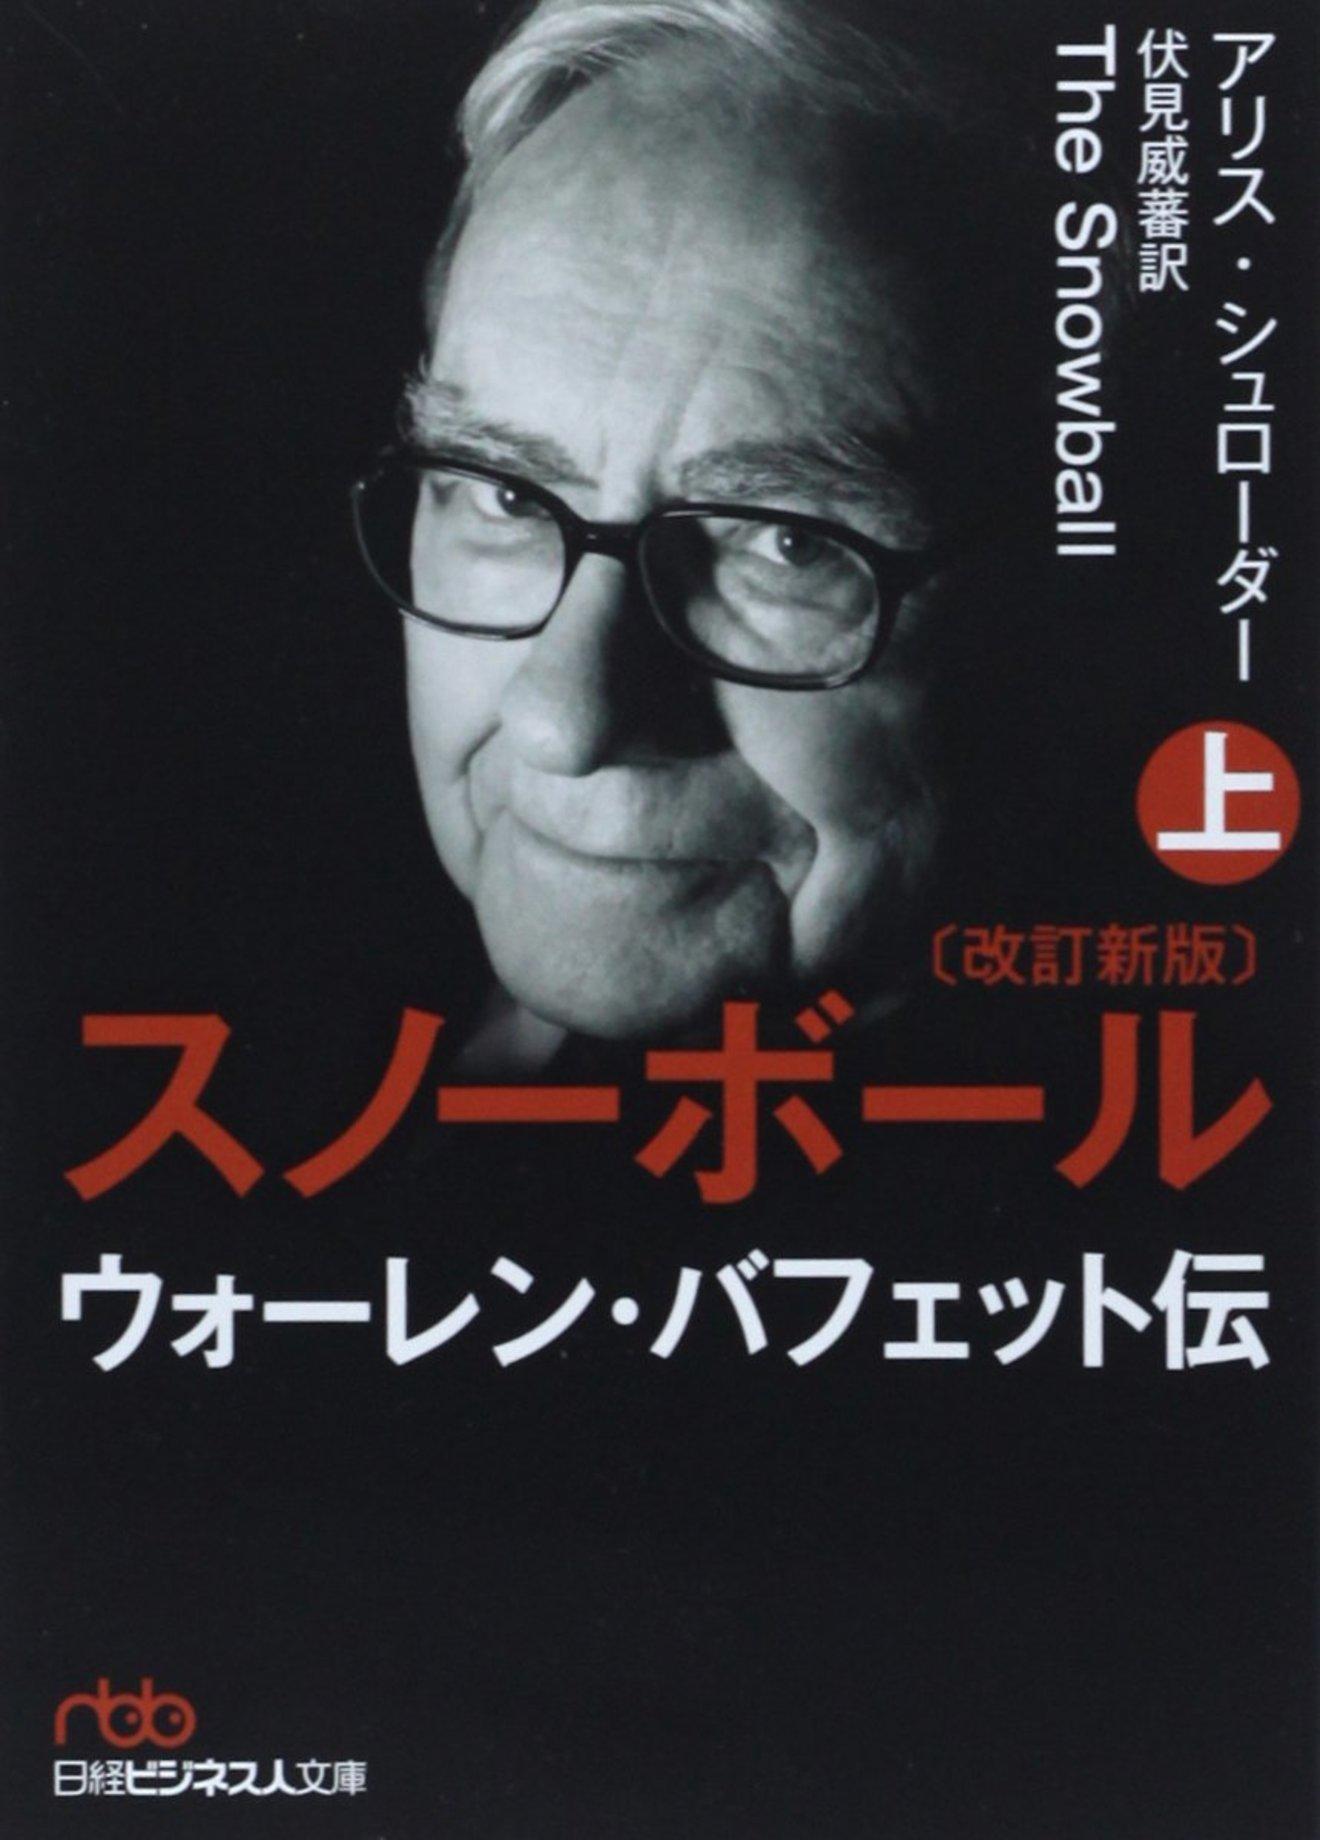 投資家ウォーレン・バフェットについて知る5冊の本。半生から銘柄選択まで